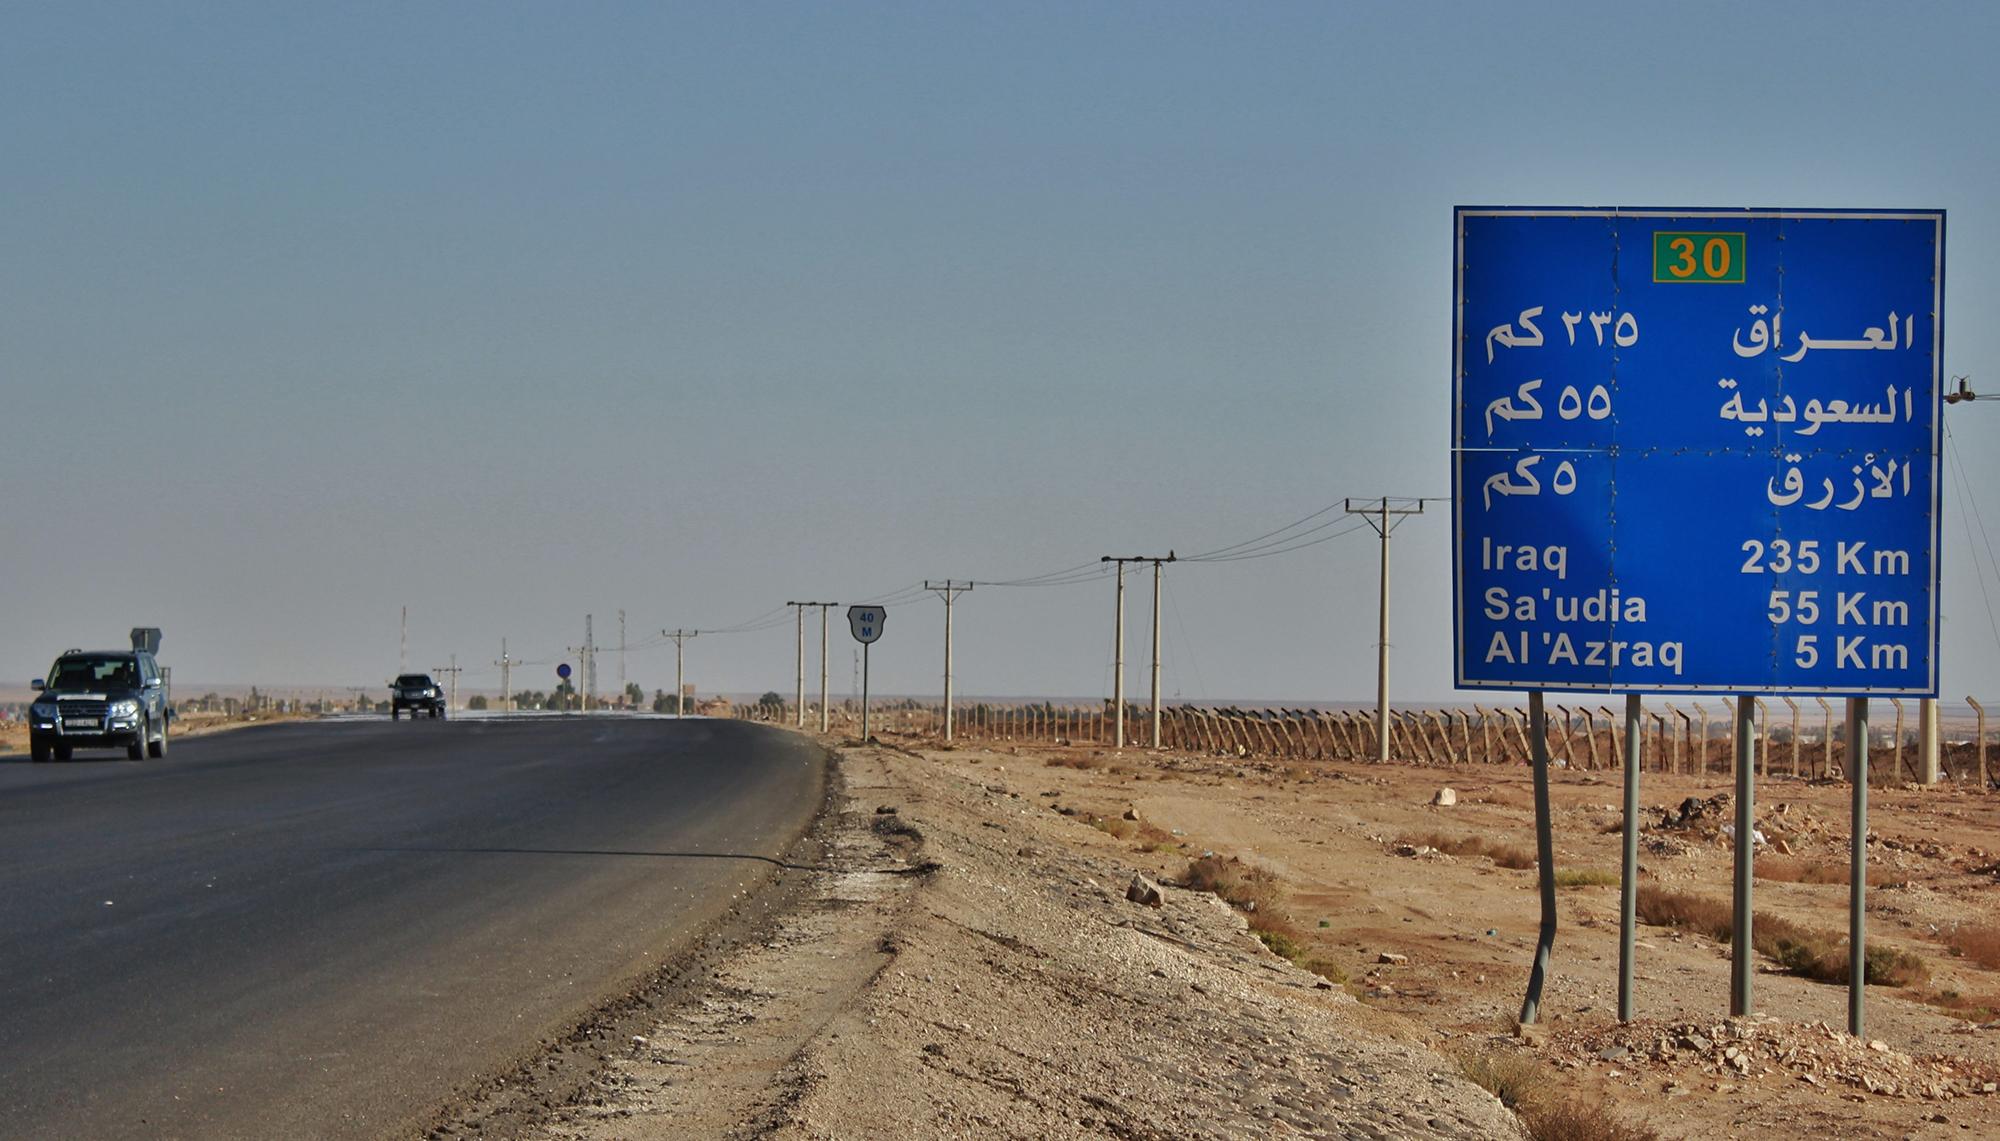 معضلة في العمري كيف أديرت أزمة سائقي الشاحنات على الحدود 7iber حبر